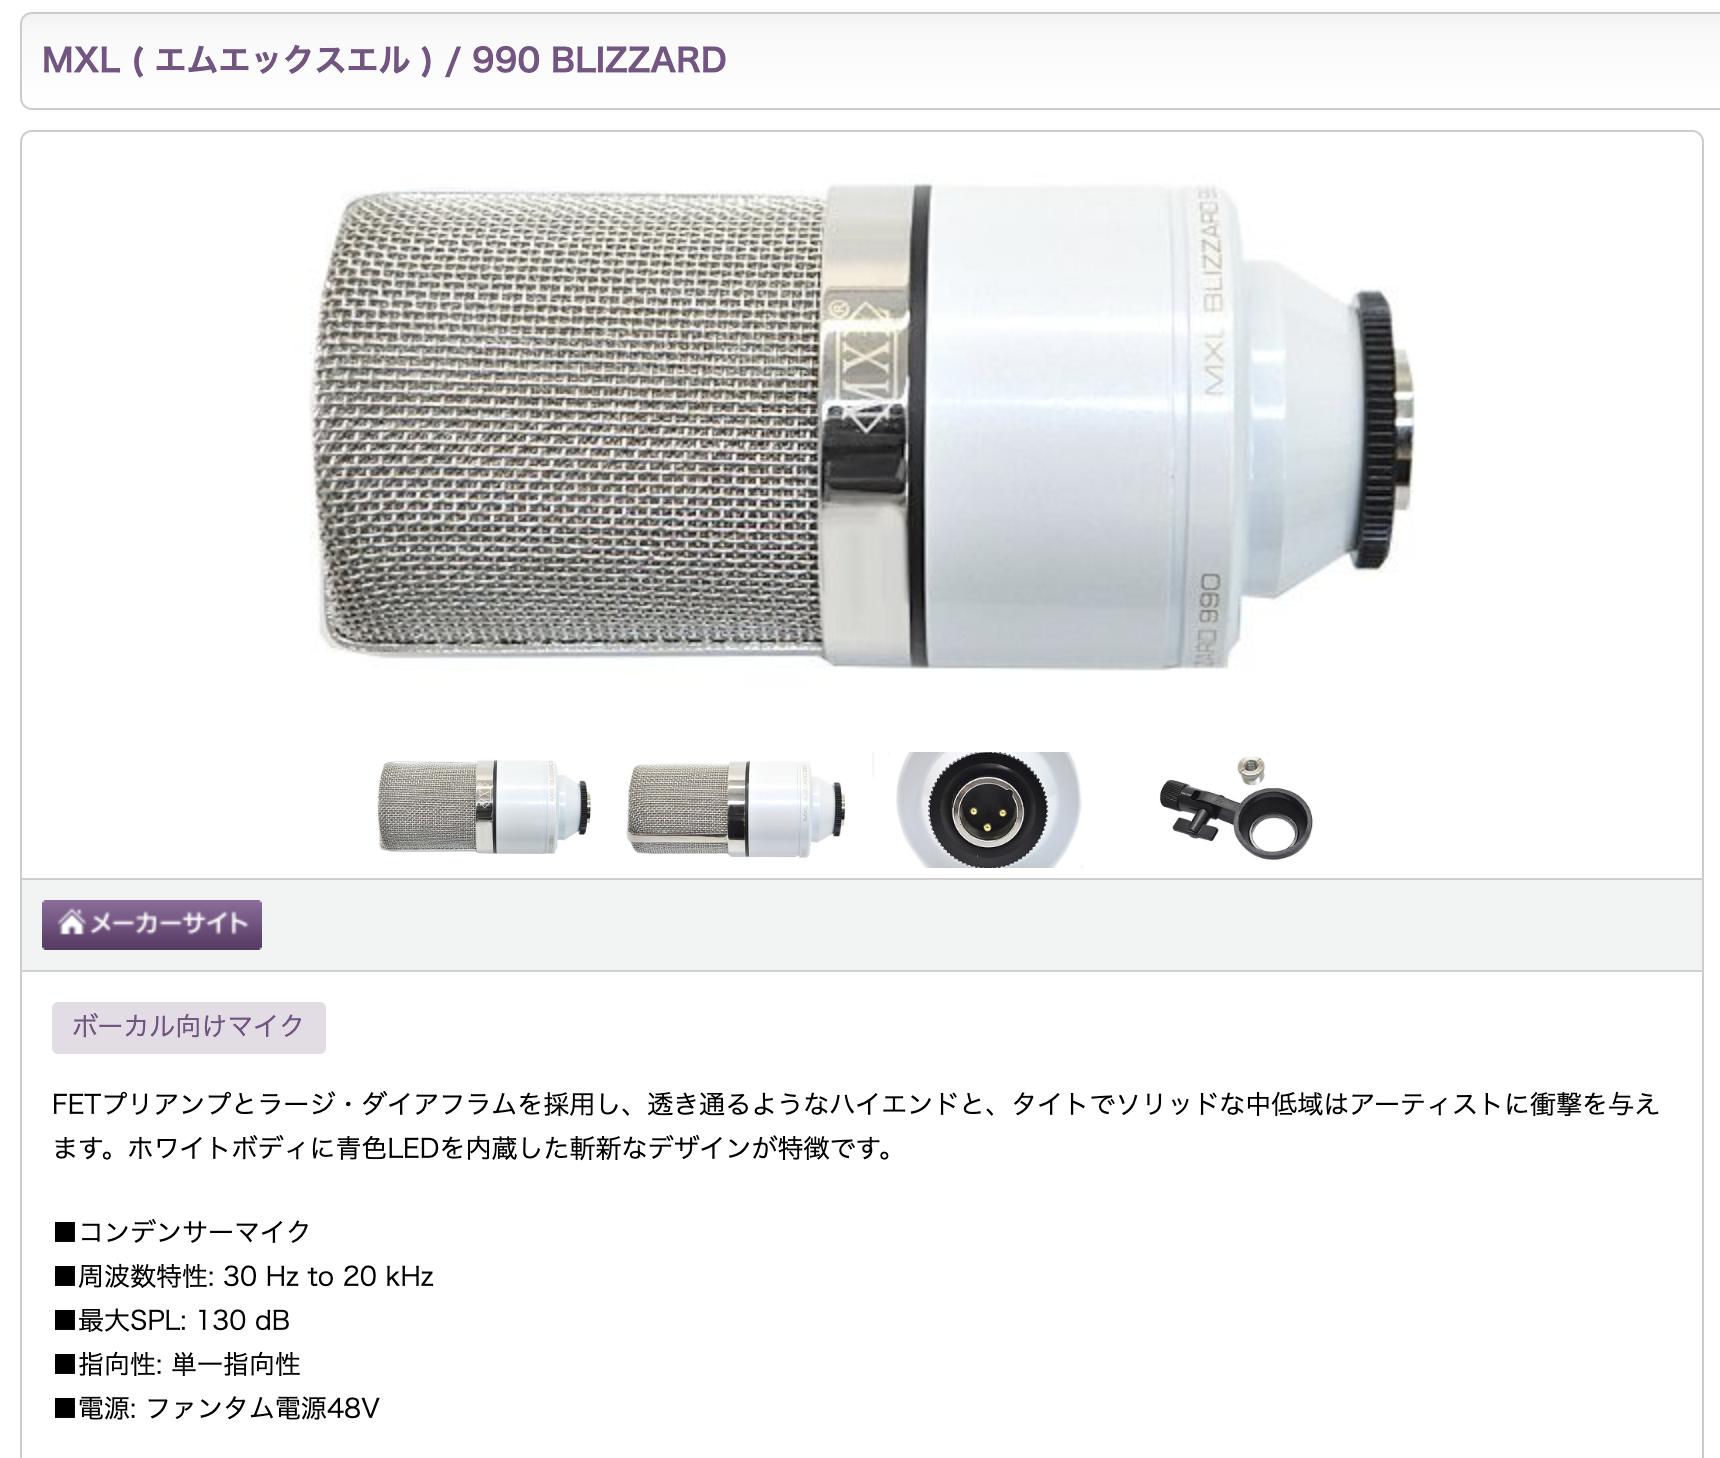 MXL990 BLIZZARD|サウンドハウス 画像